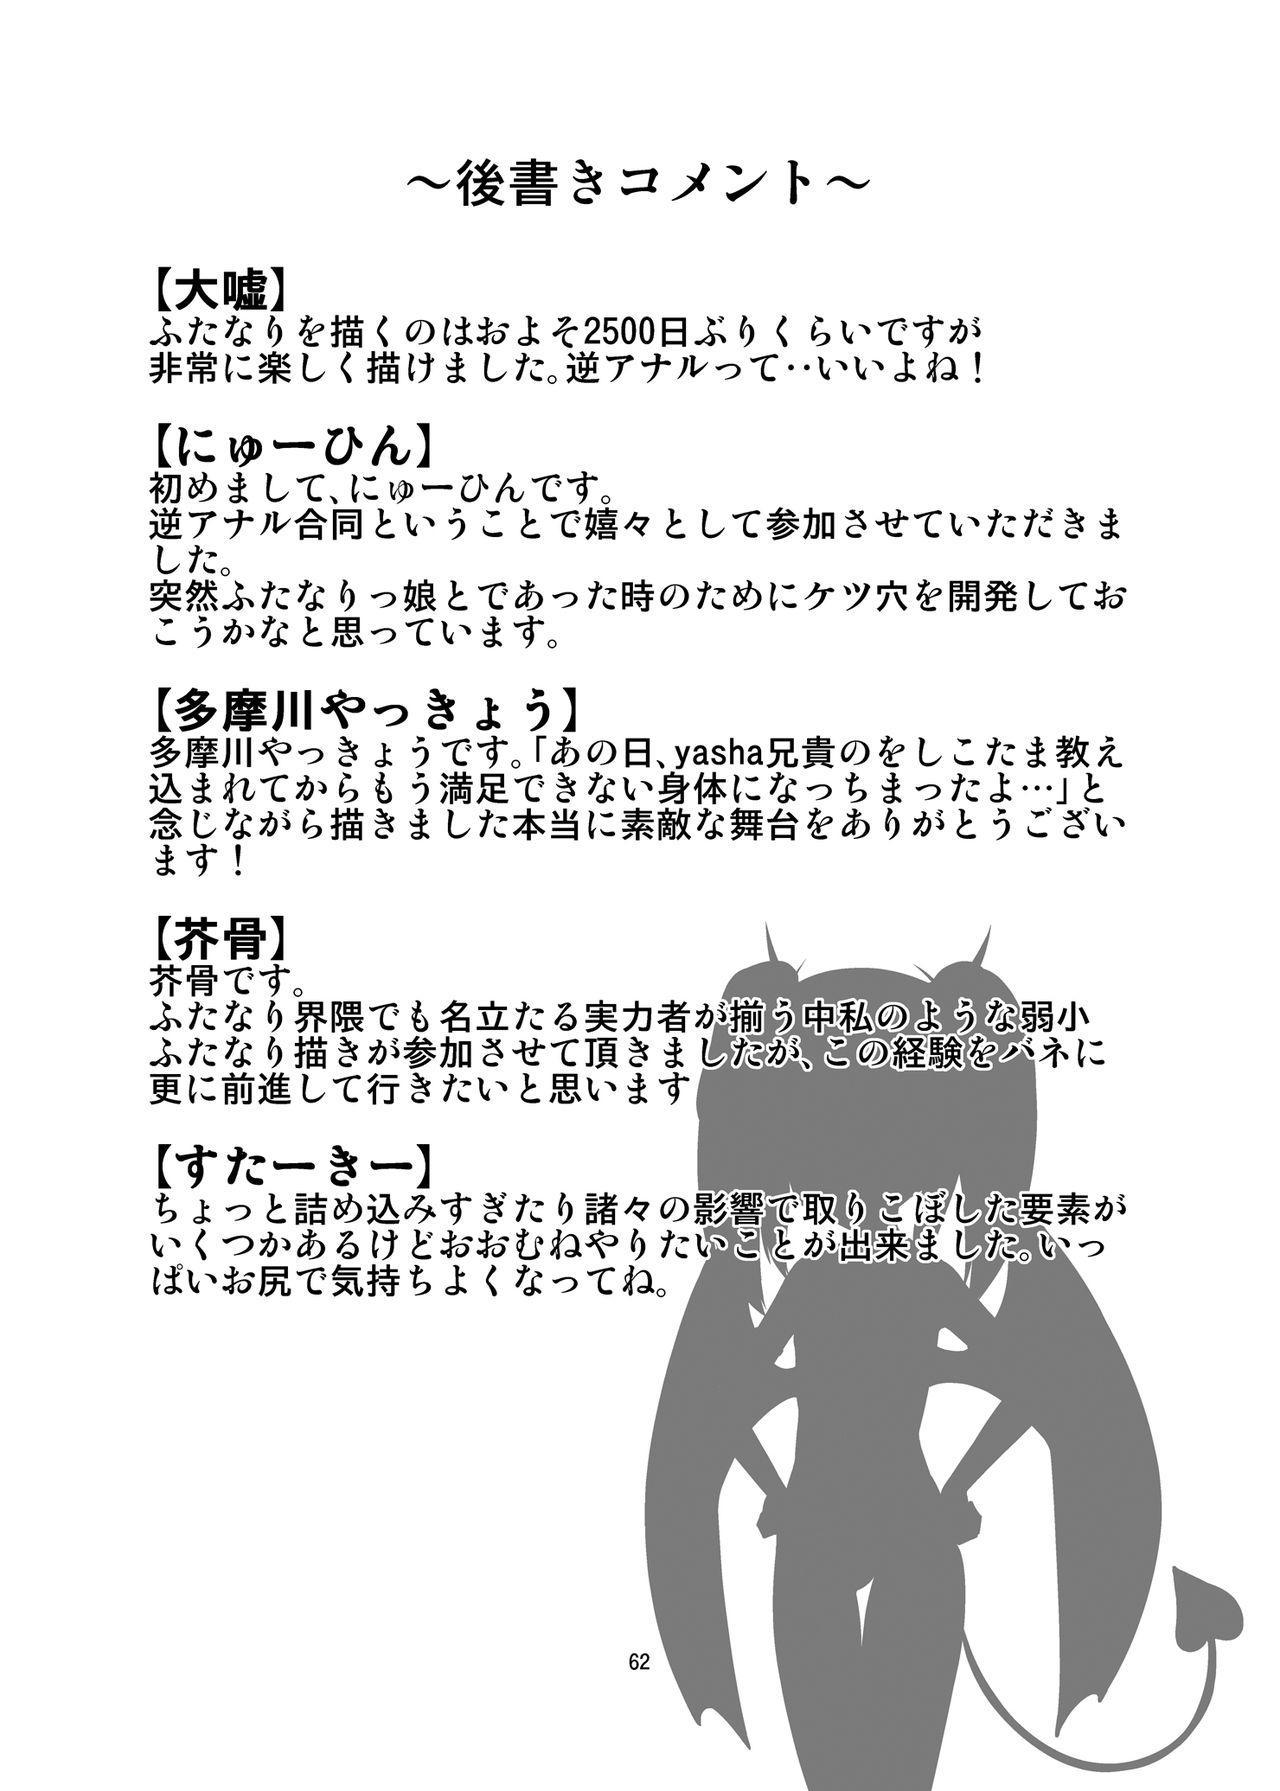 Futanari x Otoko Gyaku Anal Goudou Anata ga Mesu ni Narun desu yo 61